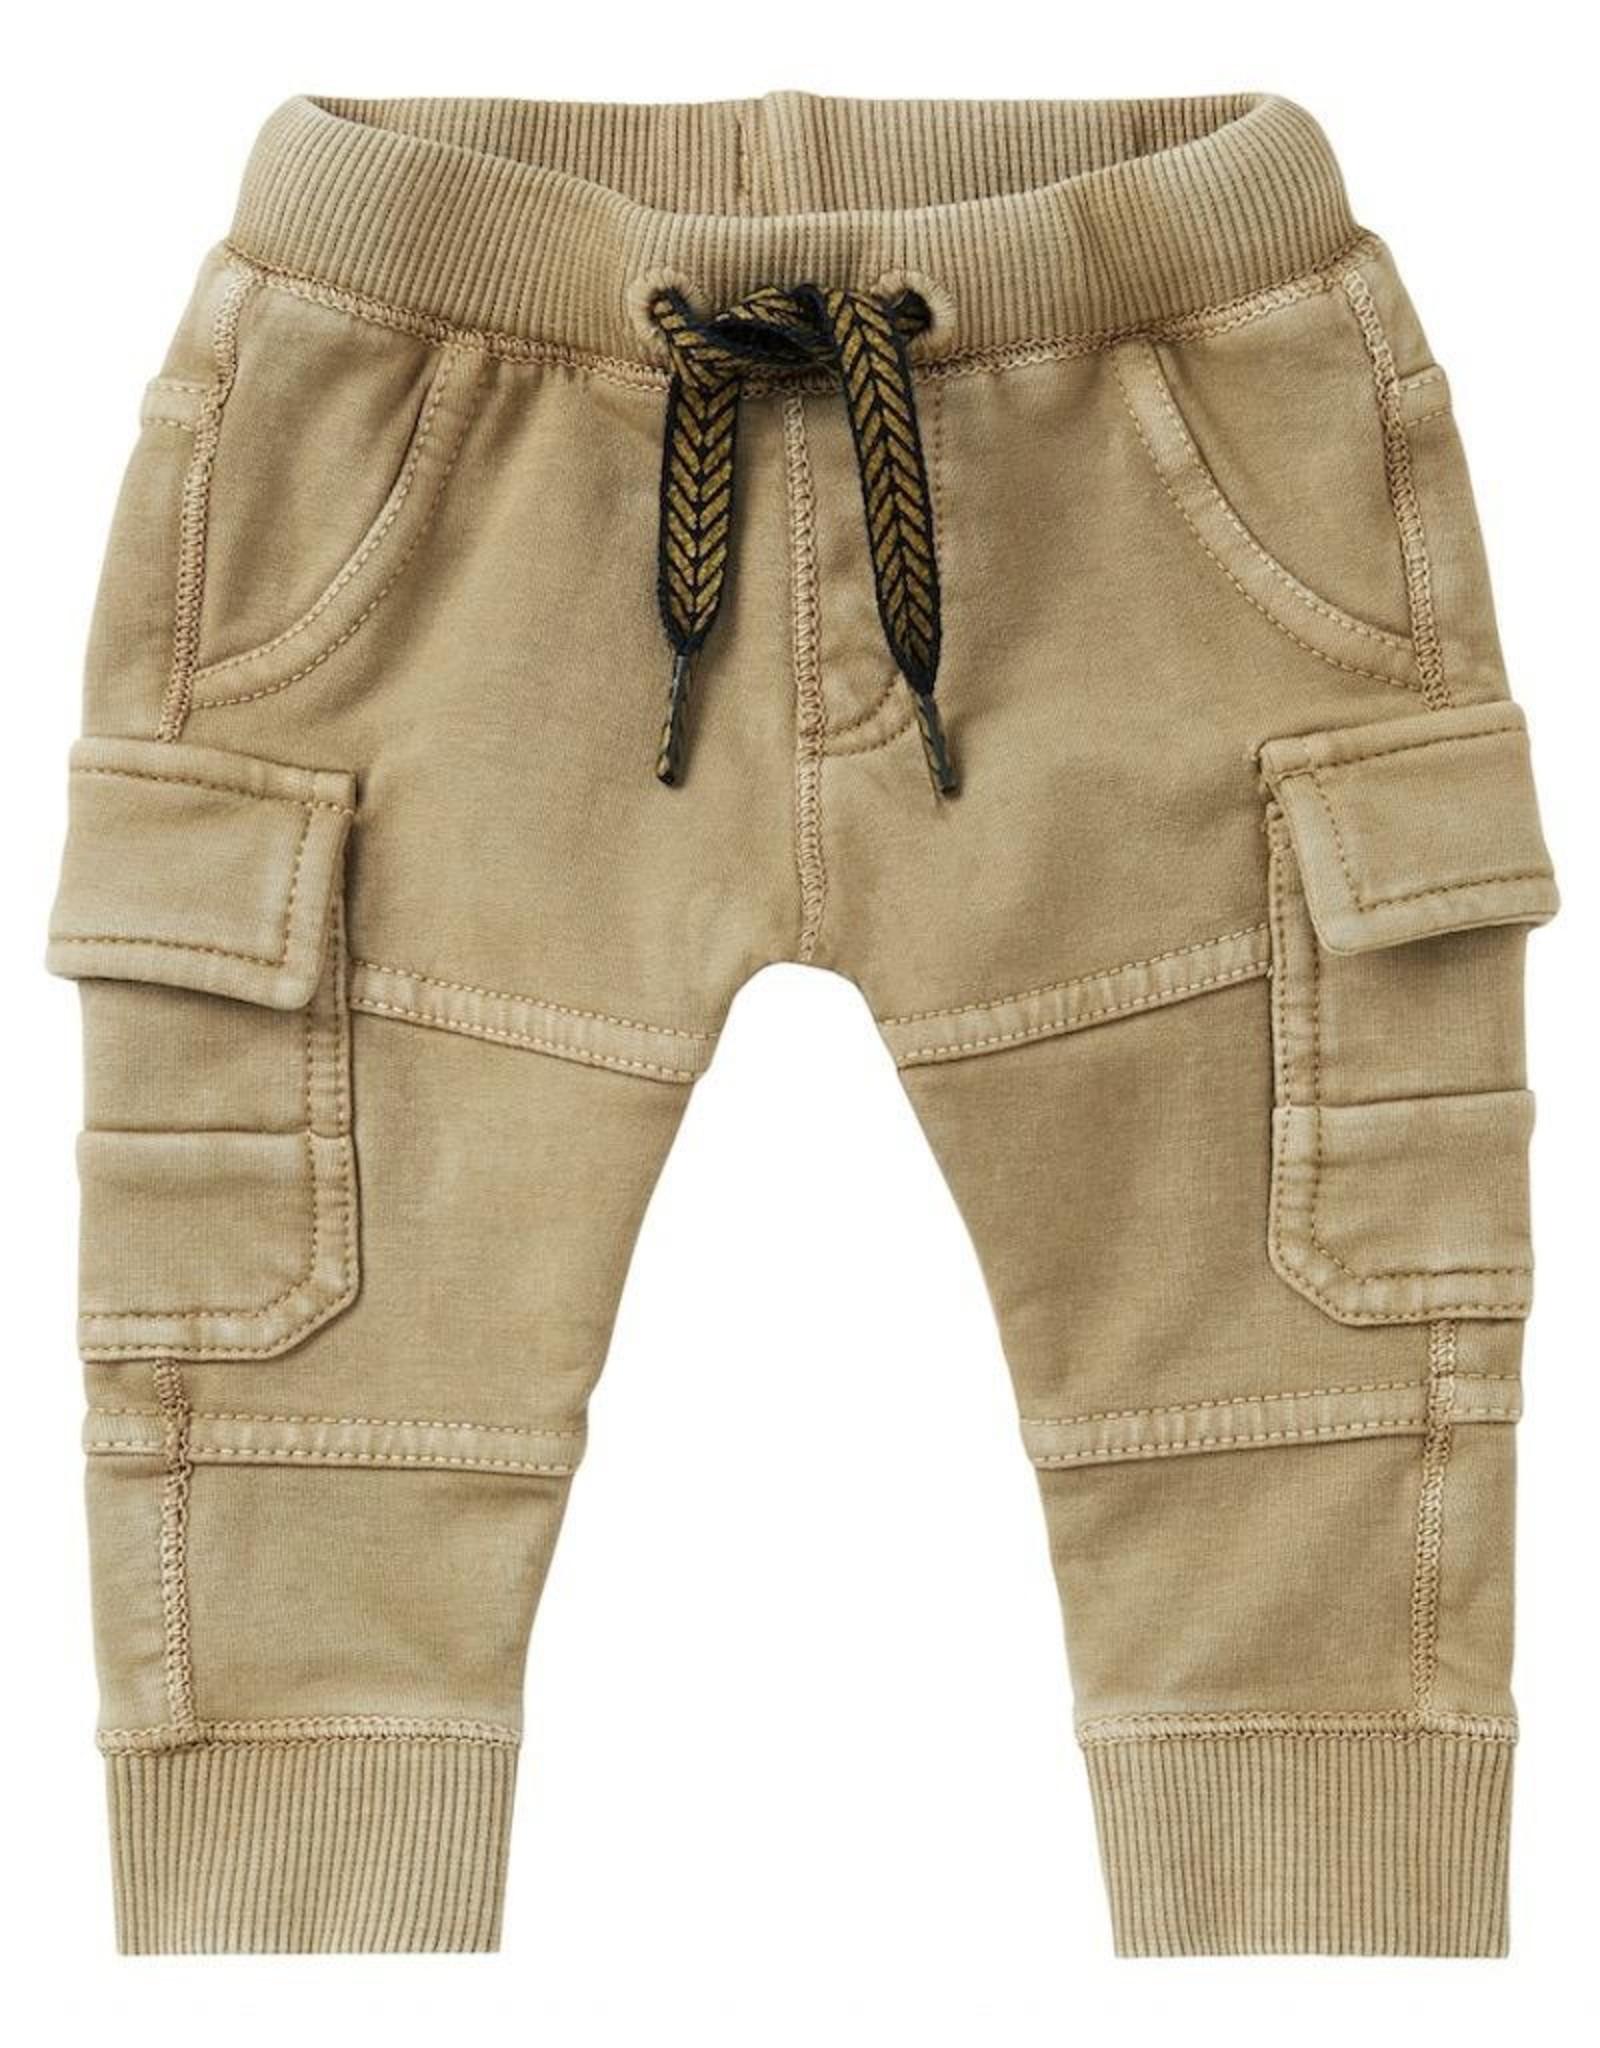 Noppies Kids Bisho Baby Boy's Sweatpants in Rabbit